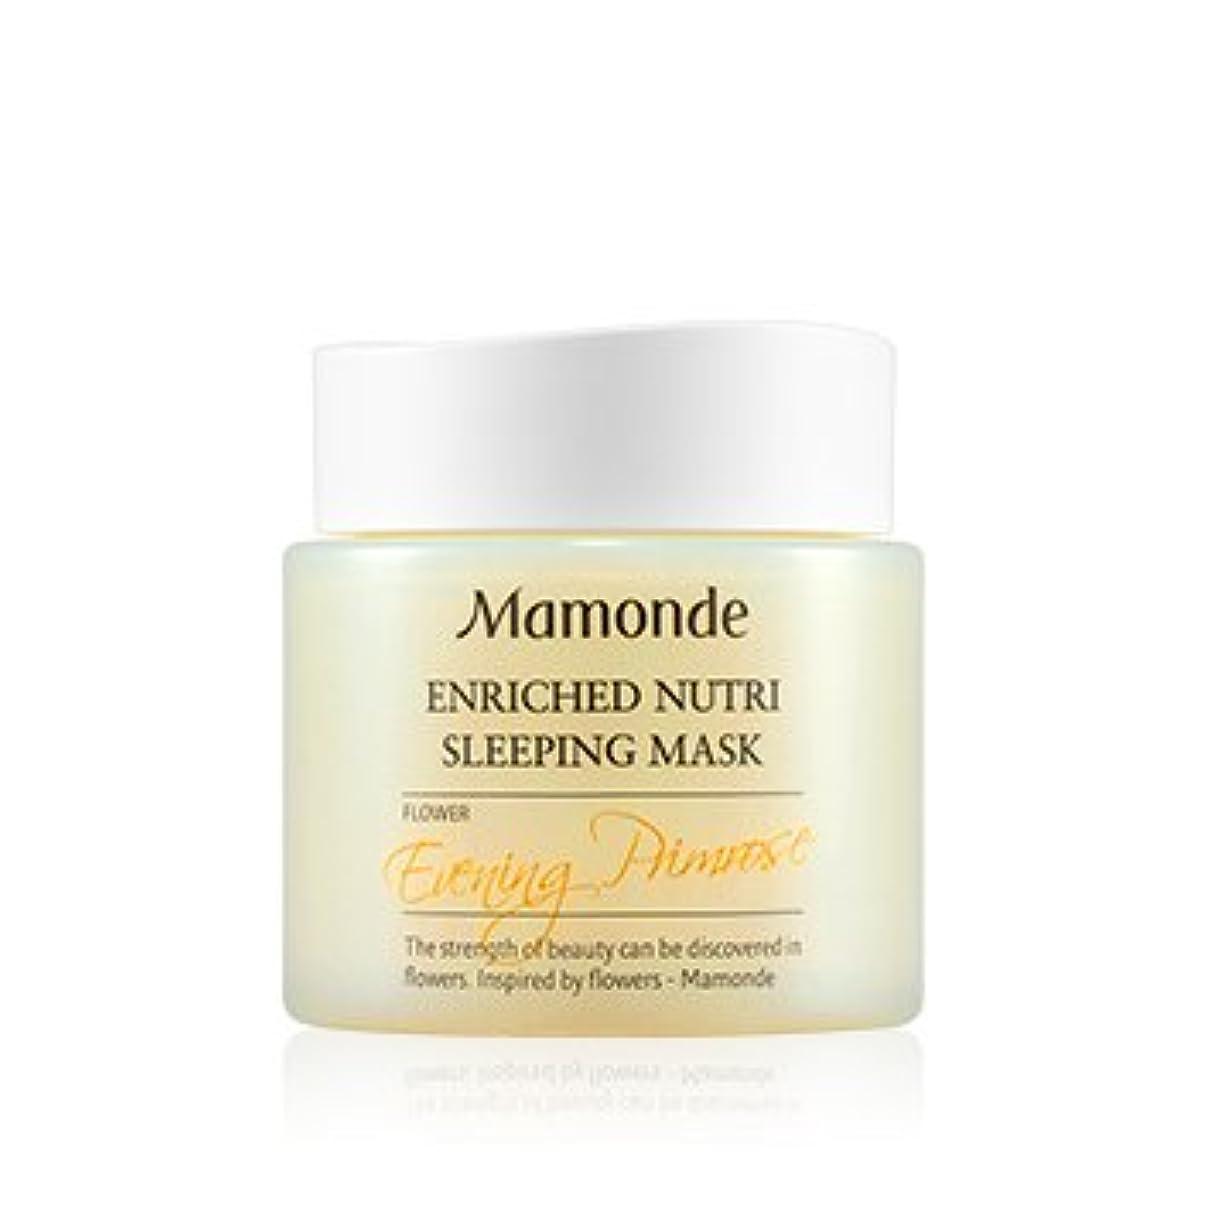 キャプテンブライ当社ペック[New] Mamonde Enriched Nutri Sleeping Mask 100ml/マモンド エンリッチド ニュートリ スリーピング マスク 100ml [並行輸入品]